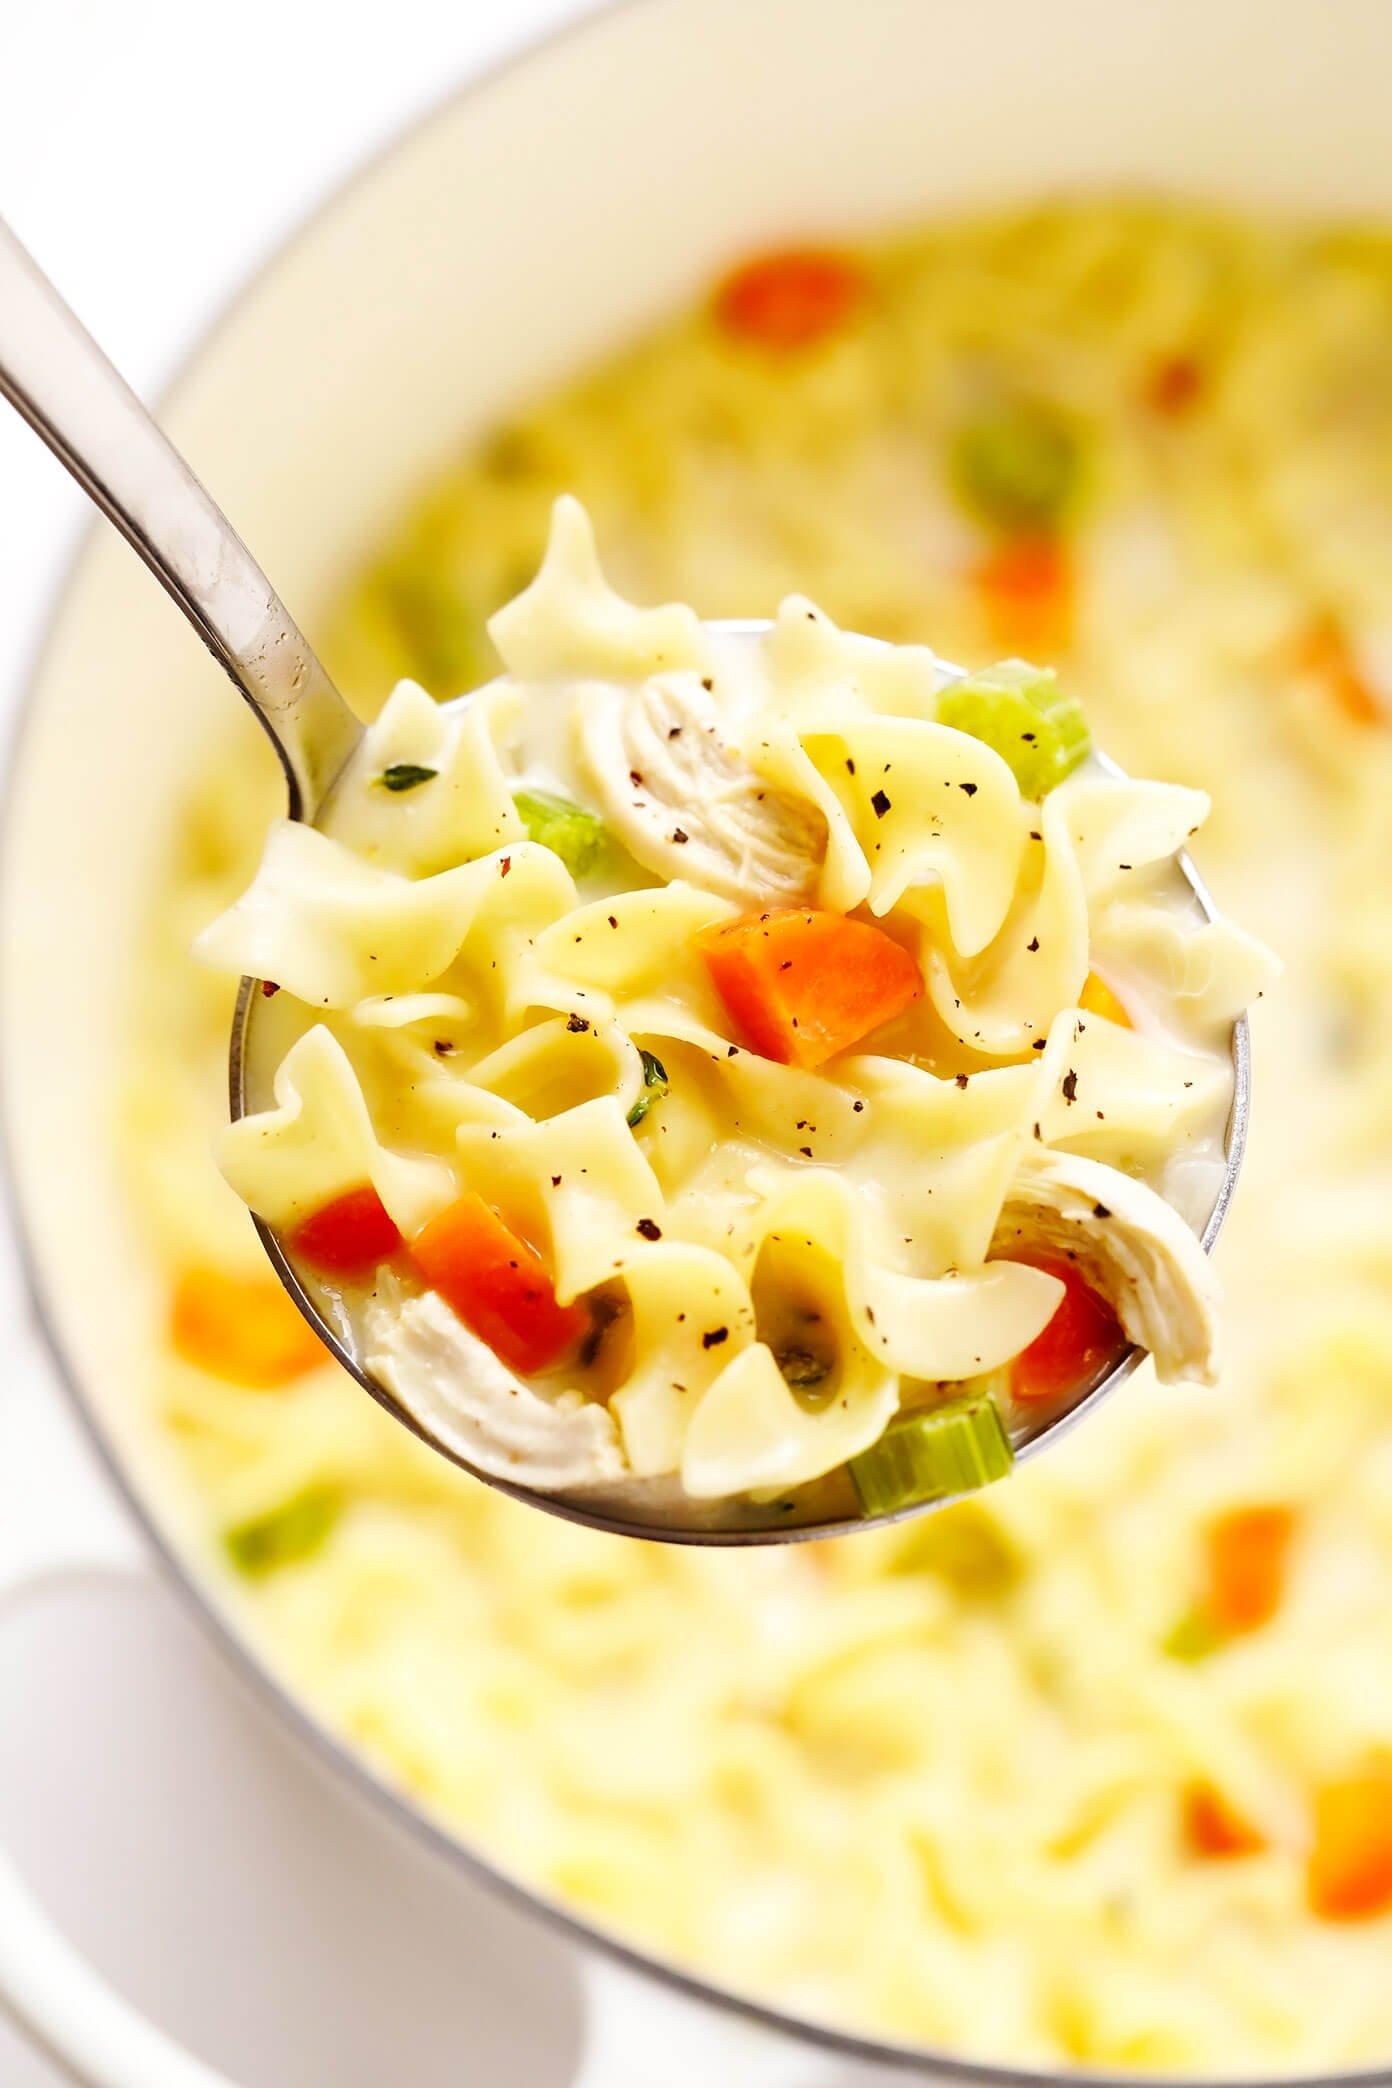 Concha cheia de sopa cremosa de macarrão de frango